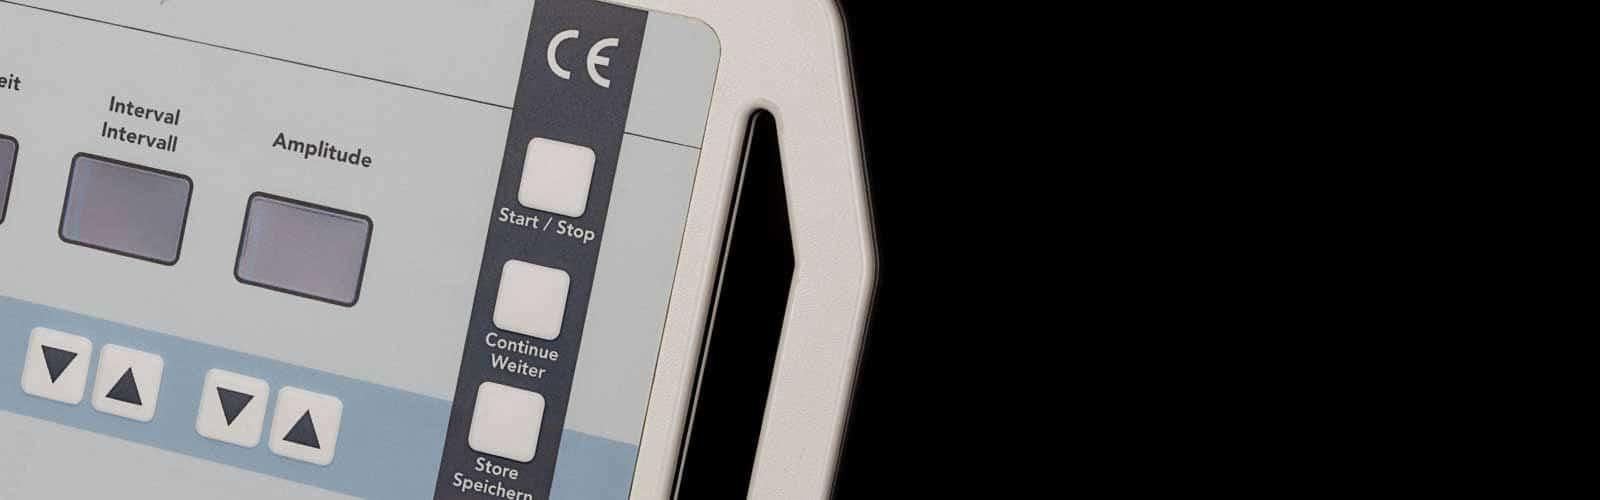 Folientastatur auf tragbarem Kunststoffgehäuse von mentec®